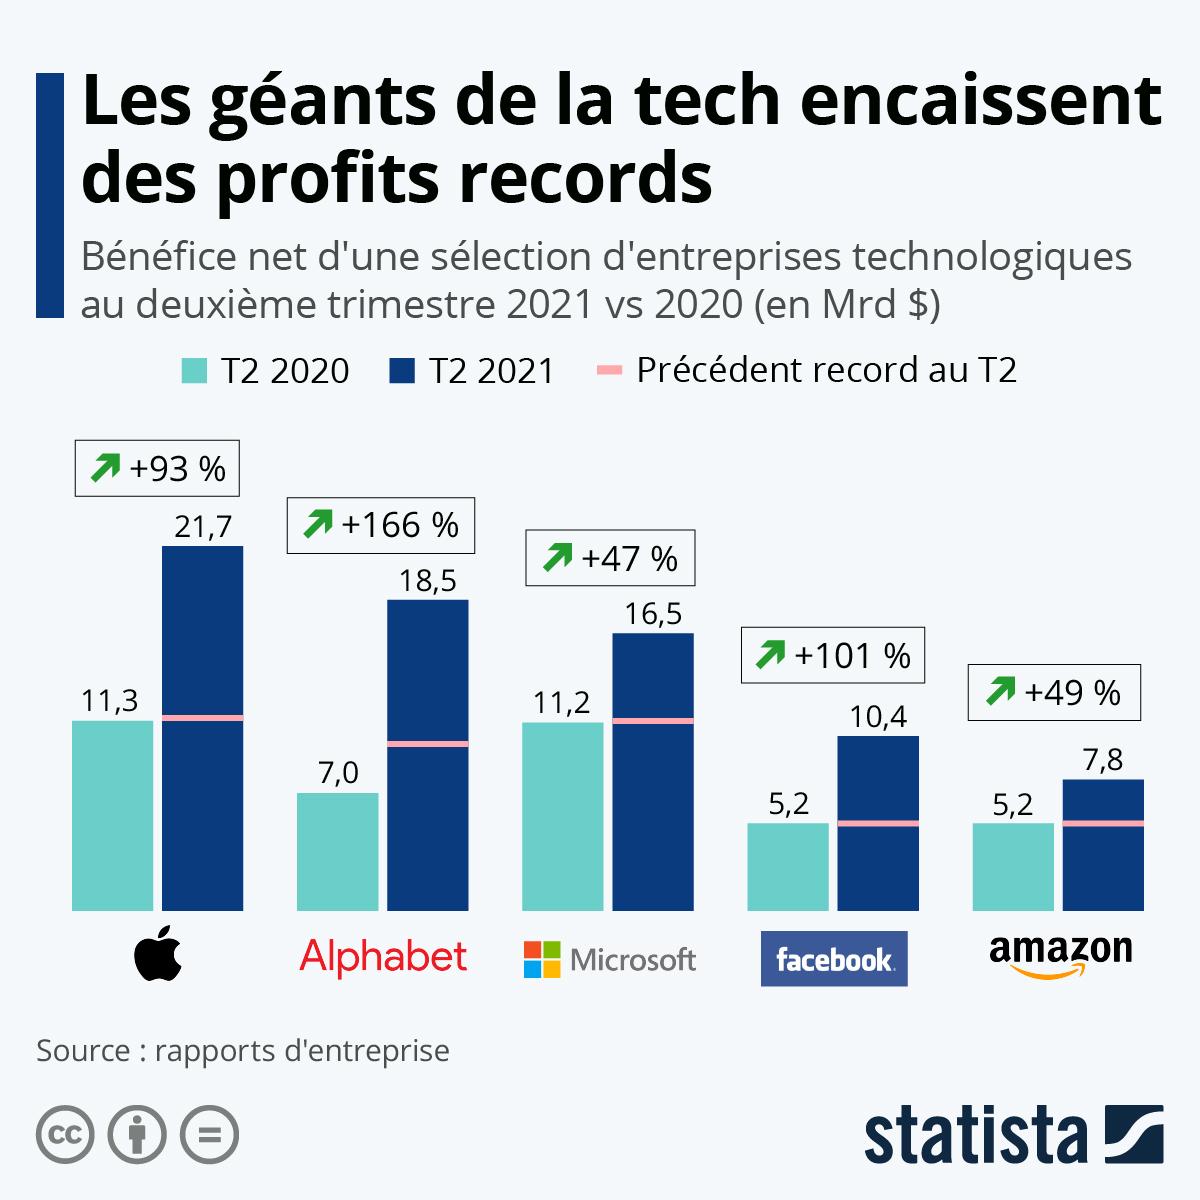 Infographie: Les géants technologiques encaissent des profits records | Statista